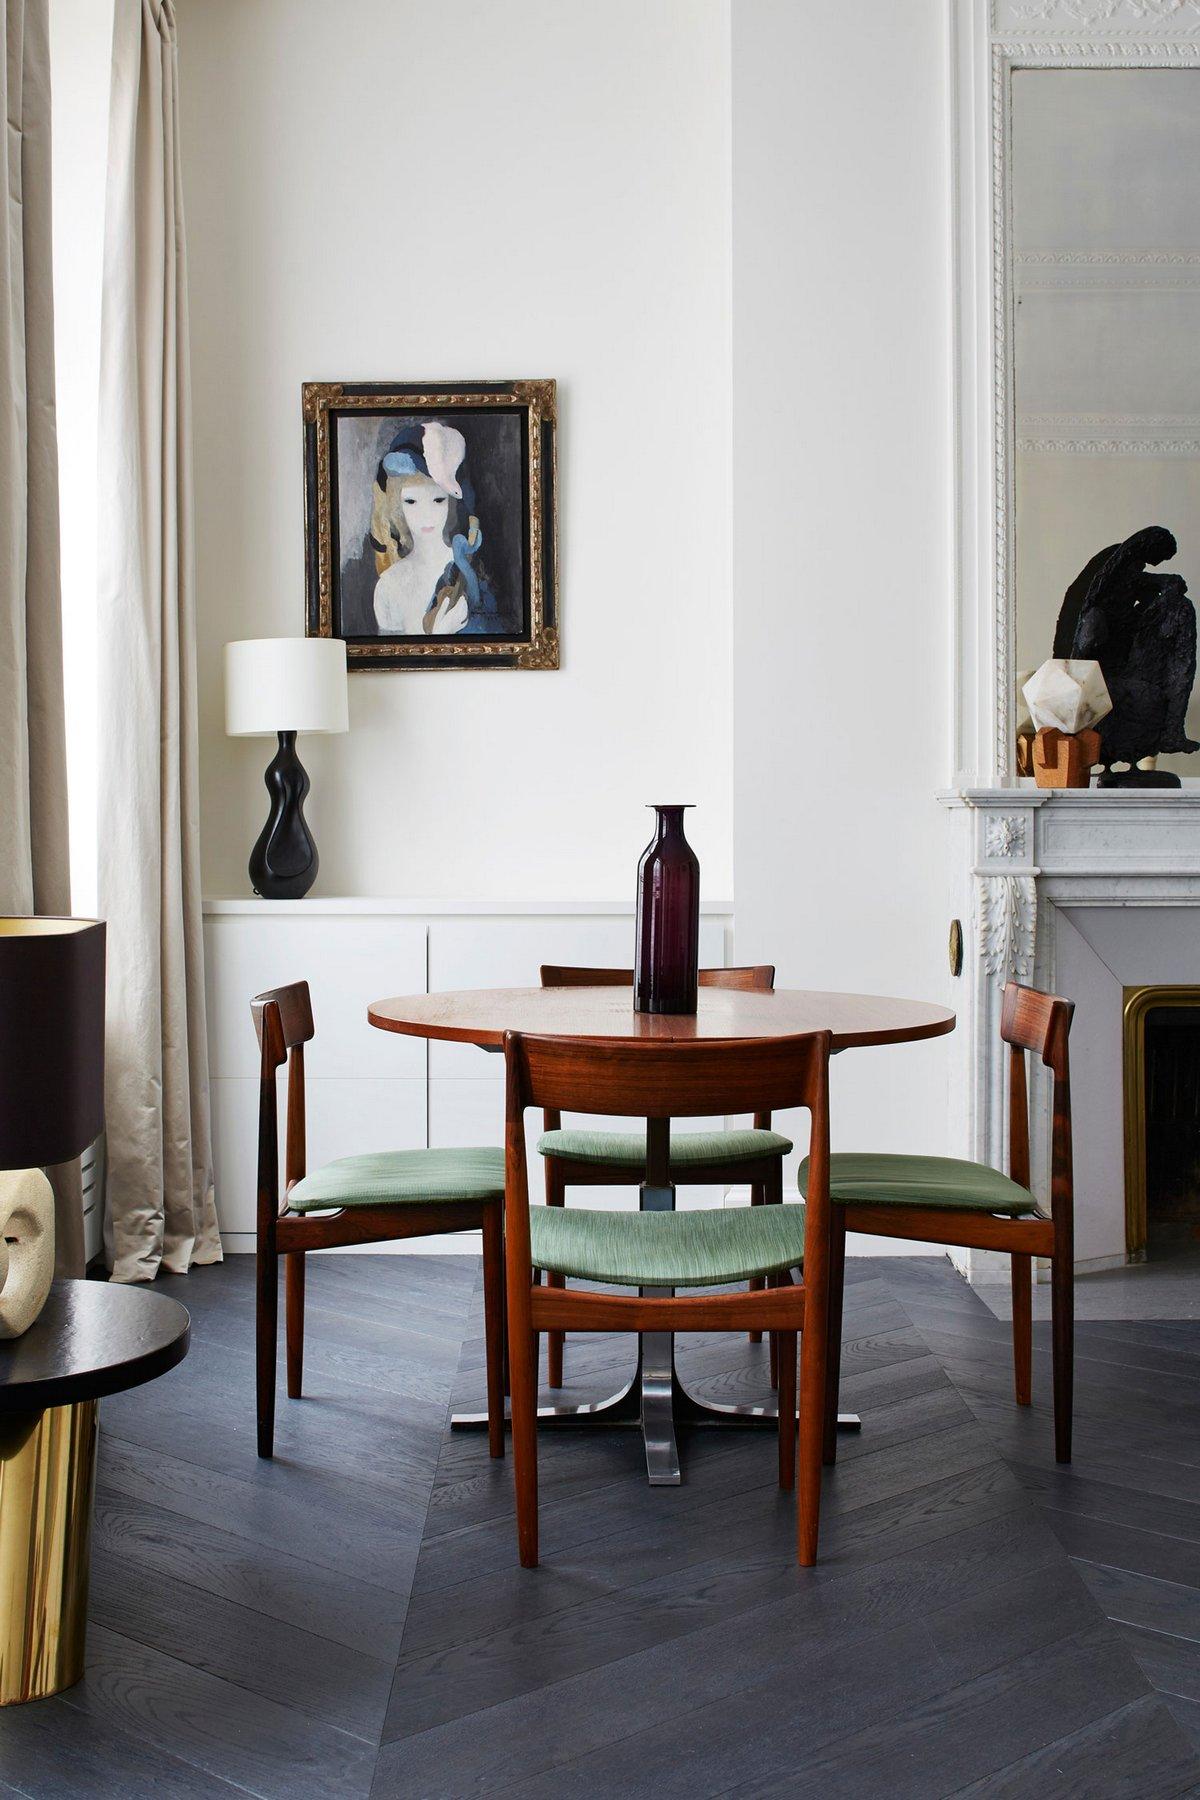 Сара Лавуан, Sarah Lavoine, Paris Solferino, предметный дизайн, интерьер простой квартиры, квартира в Париже, квартира дизайнера, современный интерьер